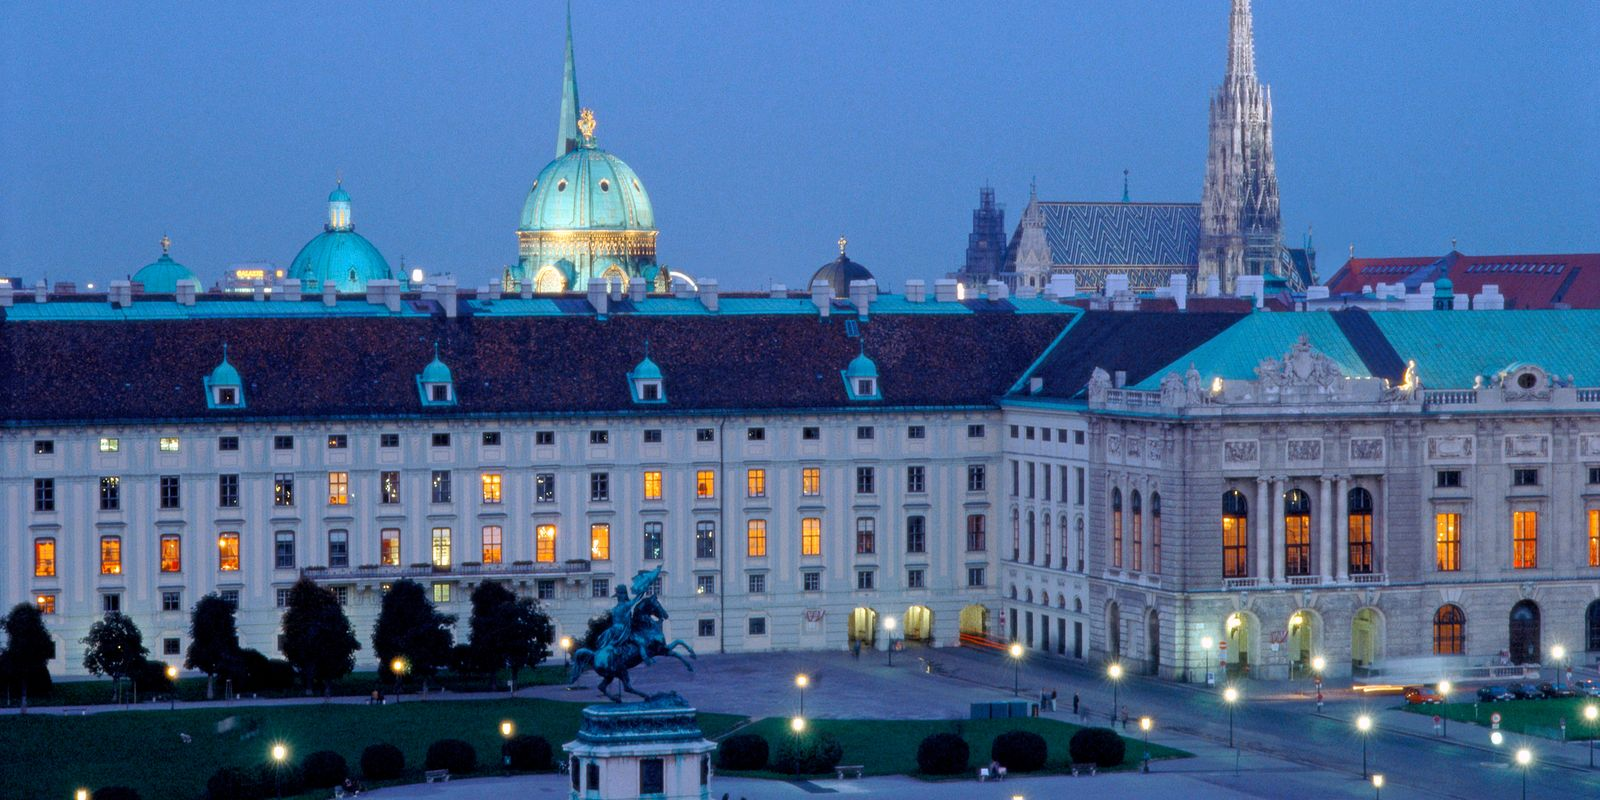 Hofburg: Blick vom Dach des Naturhistorischen Museums, Heldenplatz | ©WienTourismus/Manfred Horvath